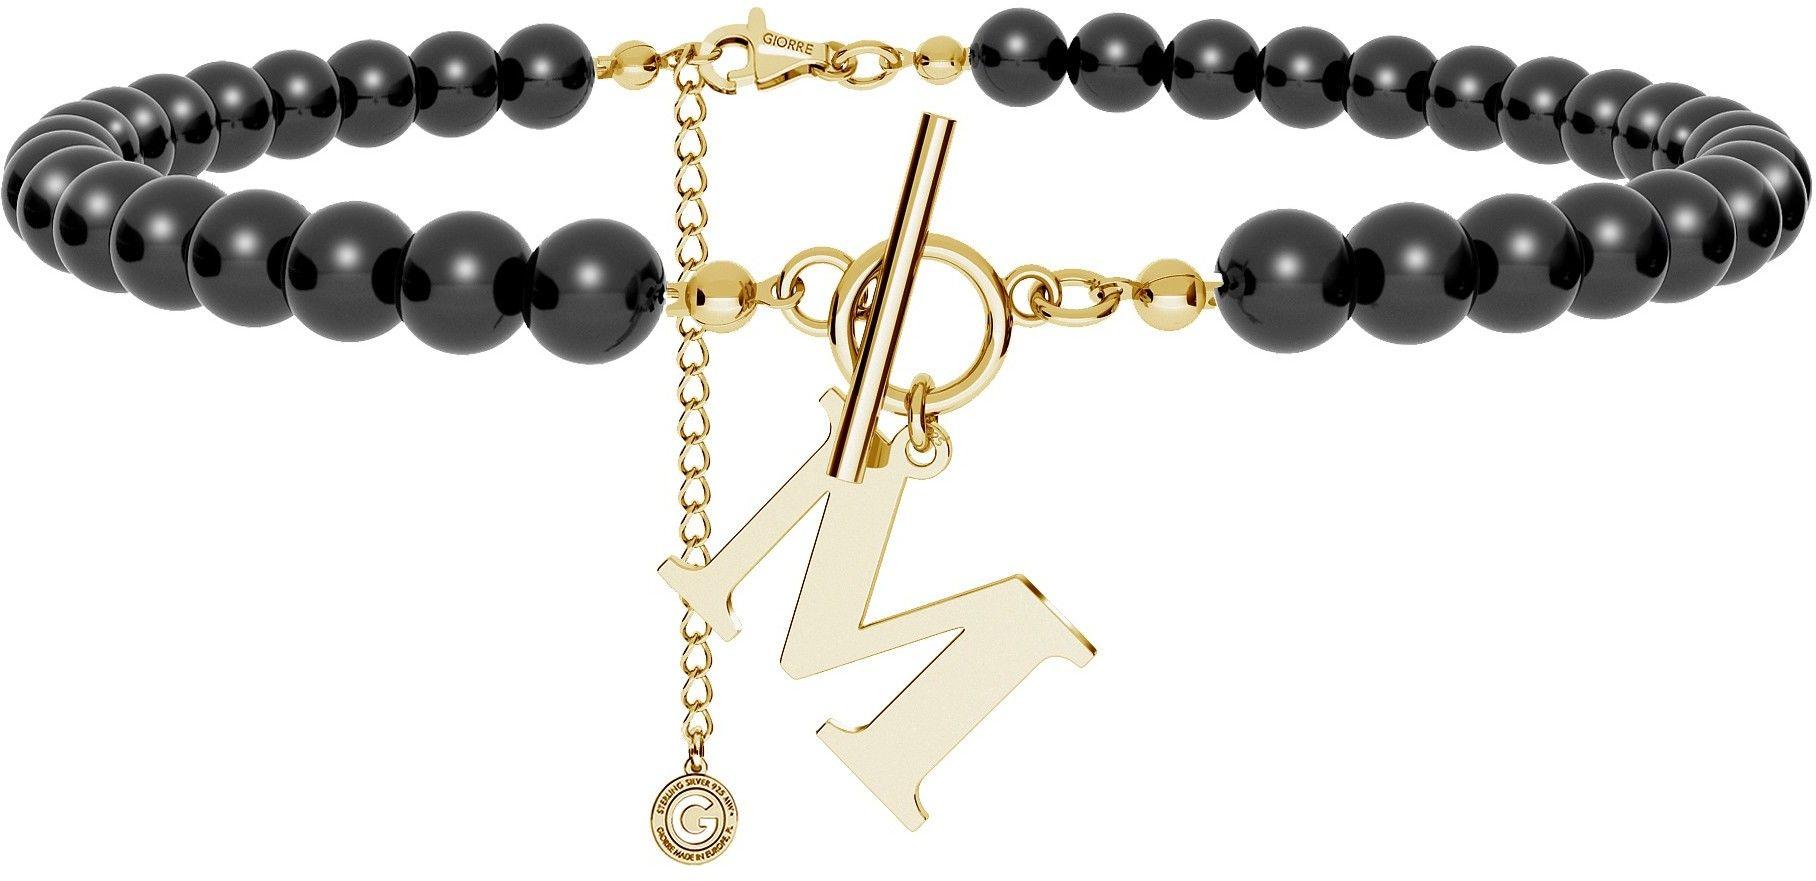 Czarny perłowy choker z dowolną literą, Swarovski, srebro 925 : Litera - O, Srebro - kolor pokrycia - Pokrycie platyną